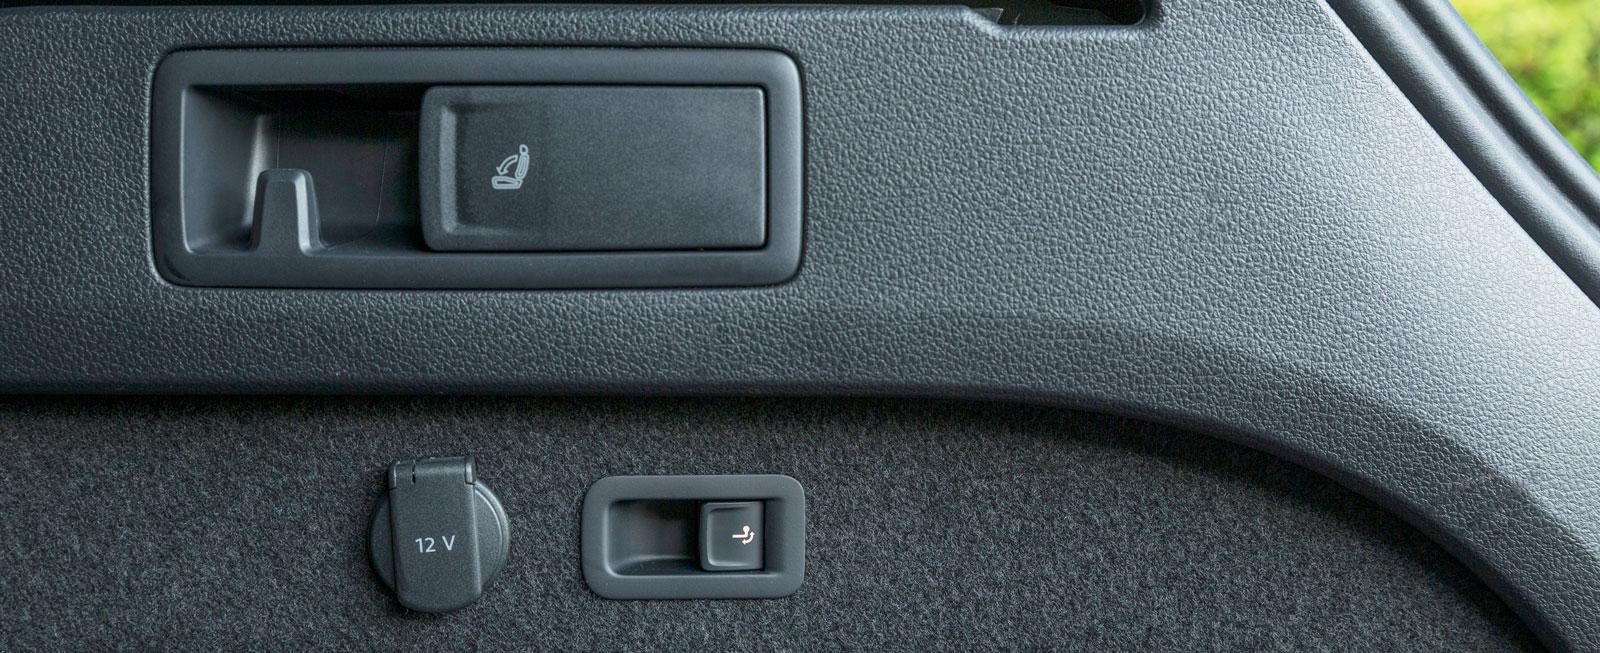 Moderna kombibilar har gott om reglage i bagageutrymmets väggar. I Passat finns till exempel fällning av baksätets ryggstöd.